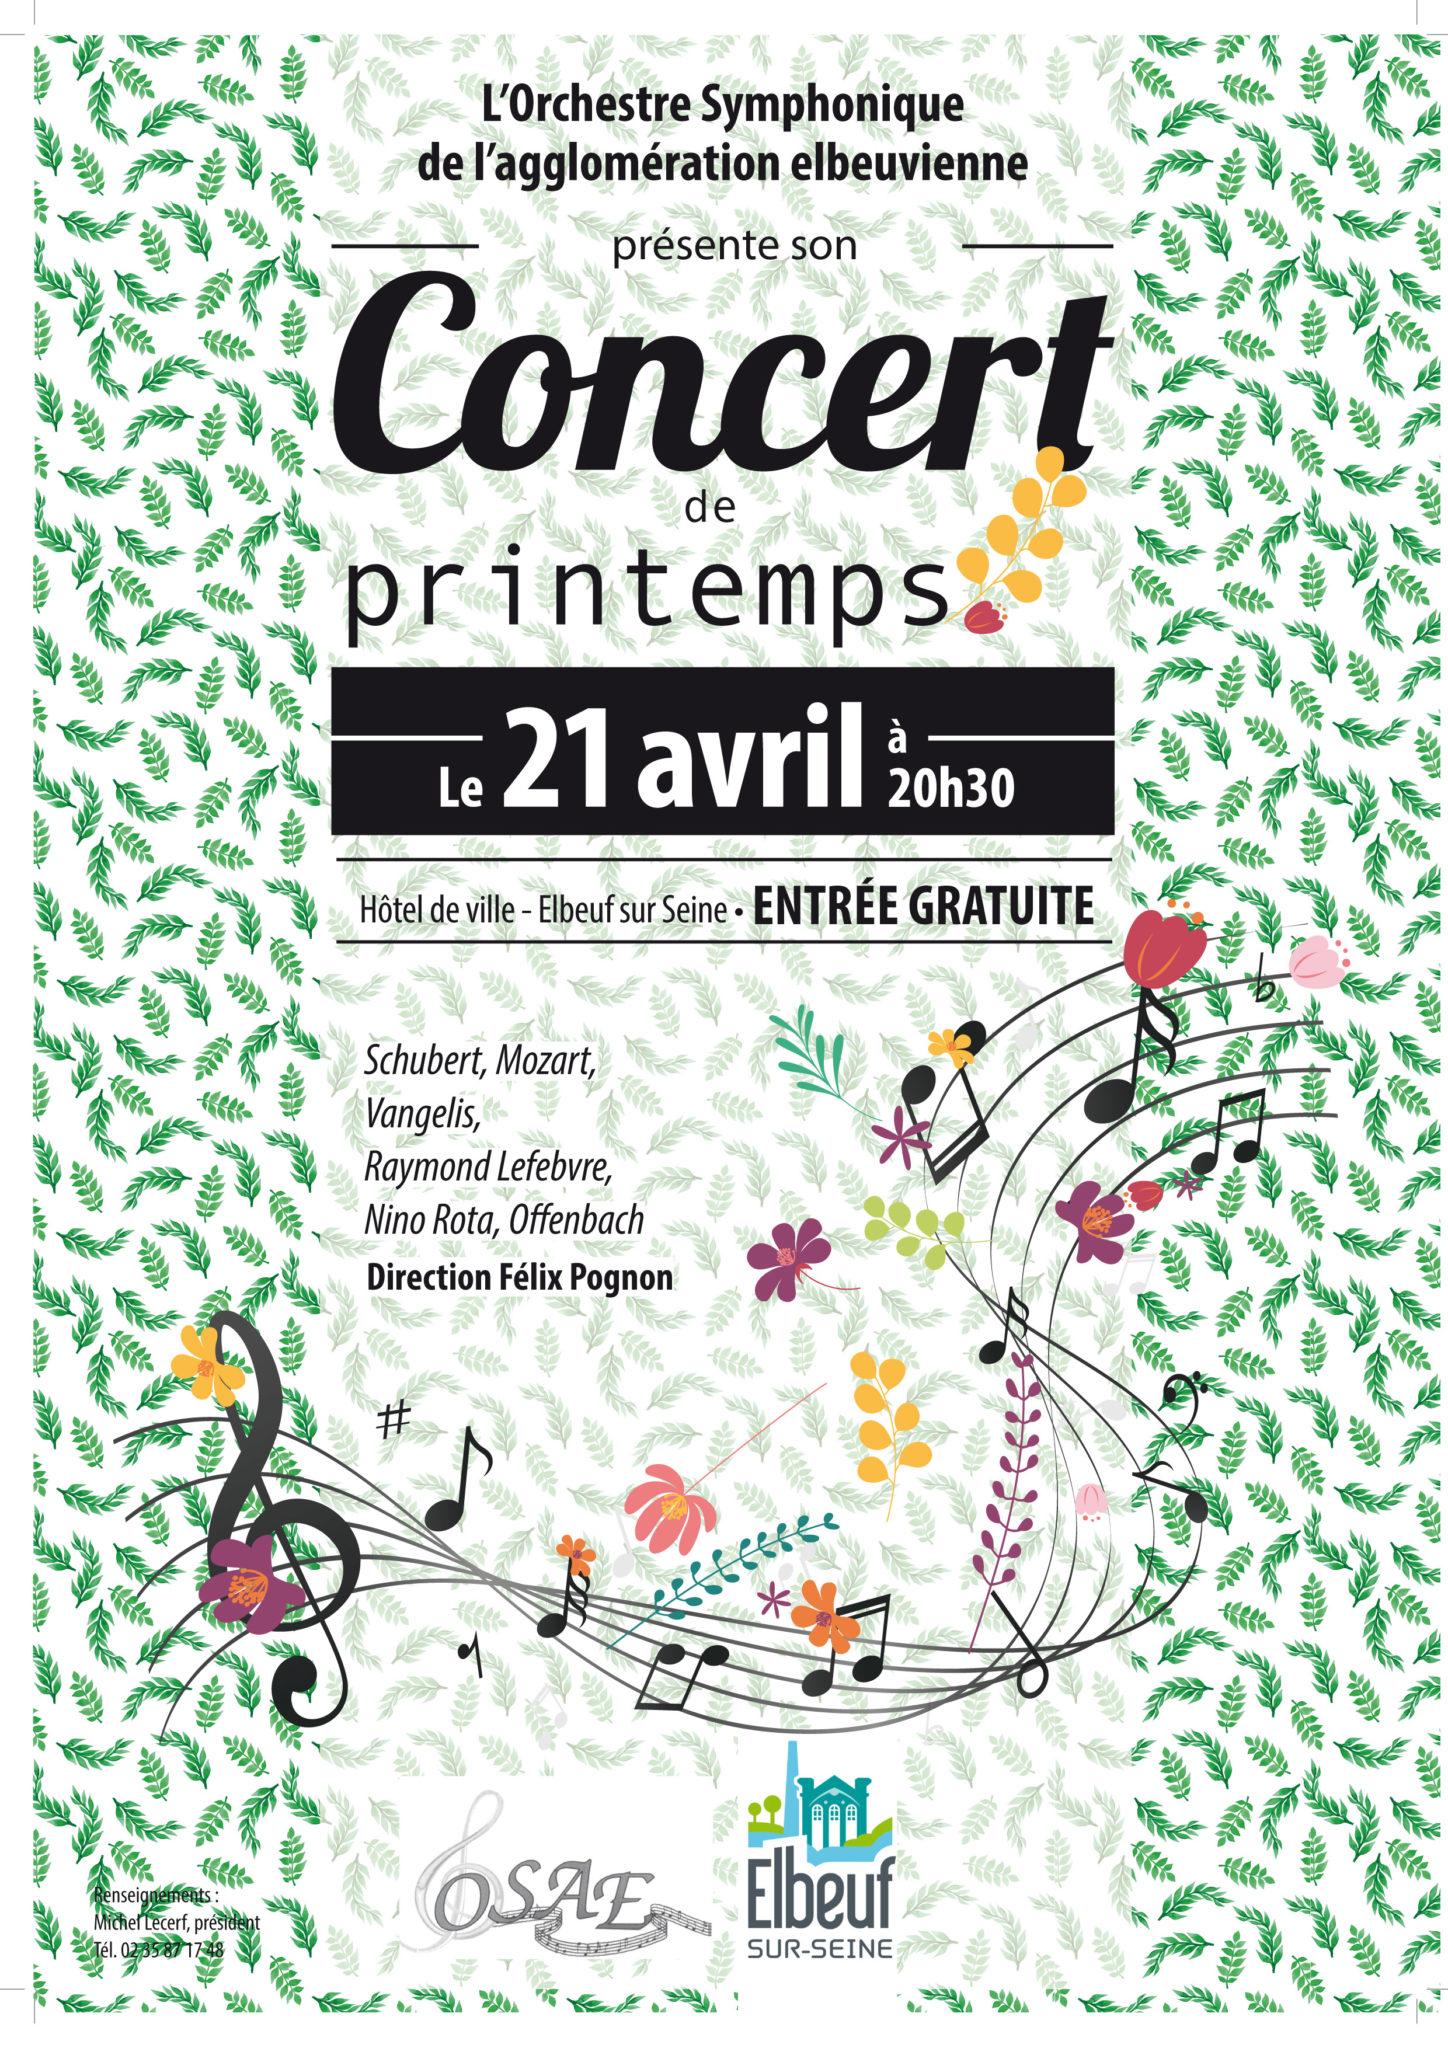 Concert de l'Orchestre symphonique de l'agglomération elbeuvienne